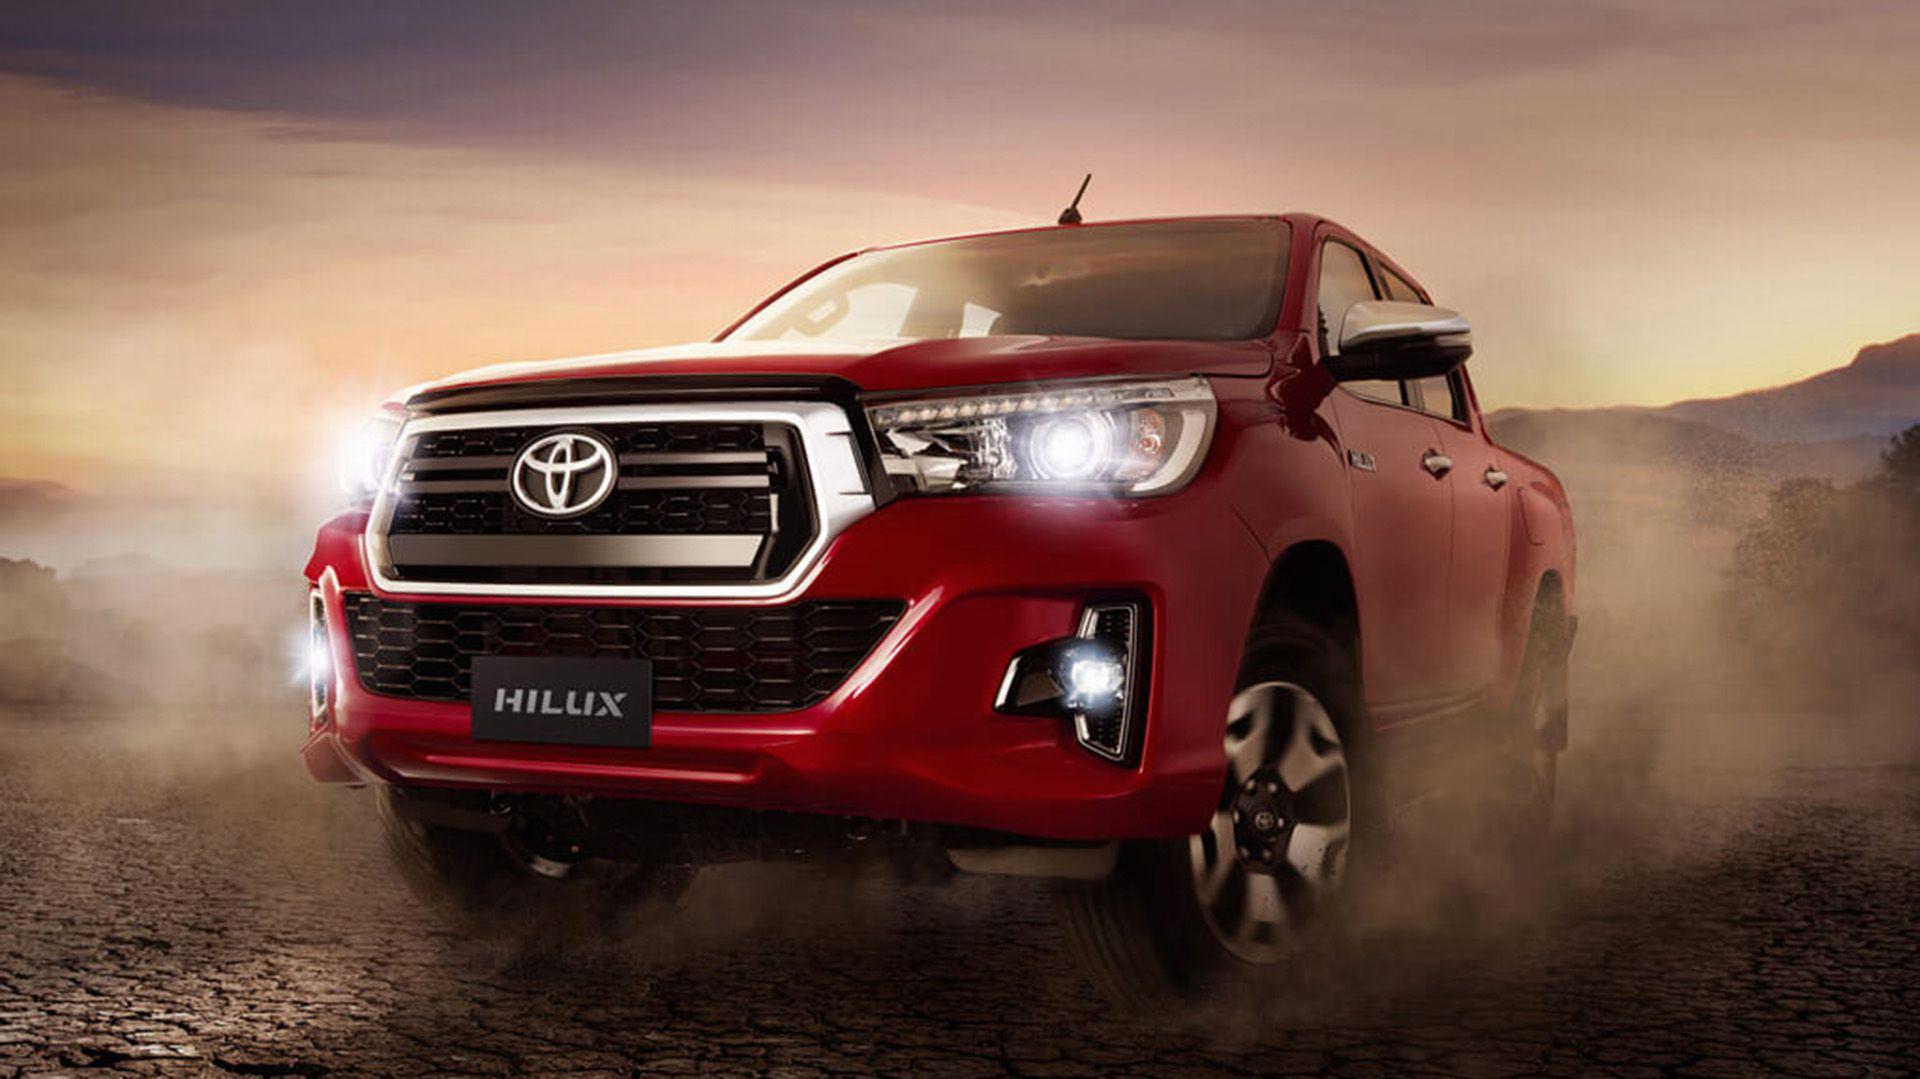 La Toyota Hilux acostumbrada al podio en los últimos tiempos. Sin embargo cayó un 34,2% respectode igual período de 2018